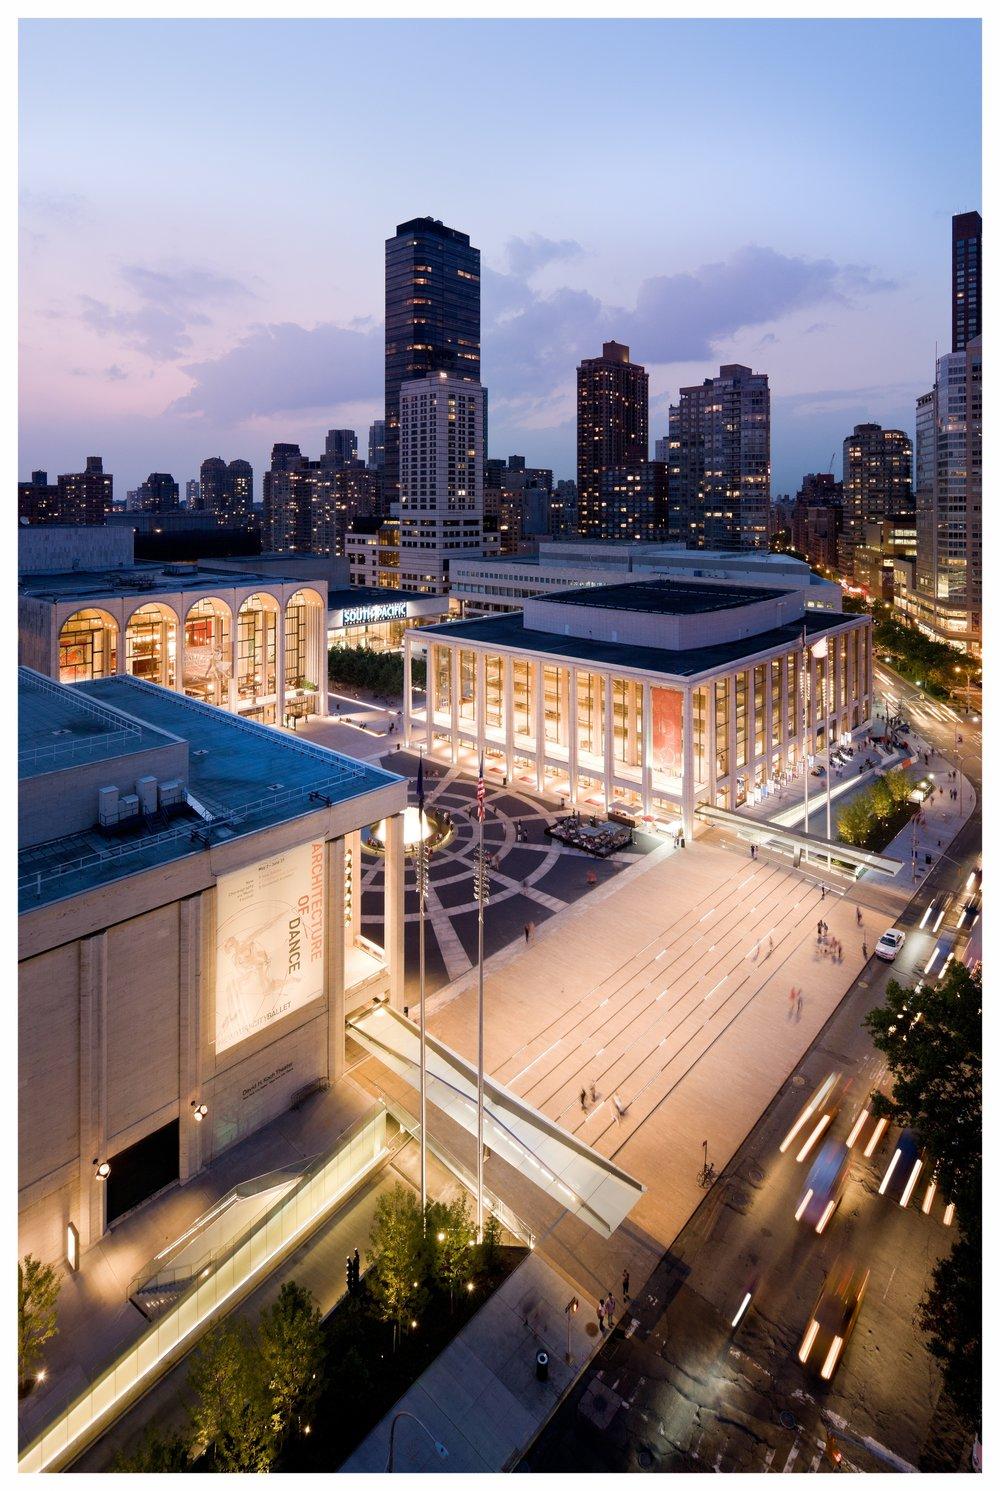 Lincoln Center Plazas_001.jpg